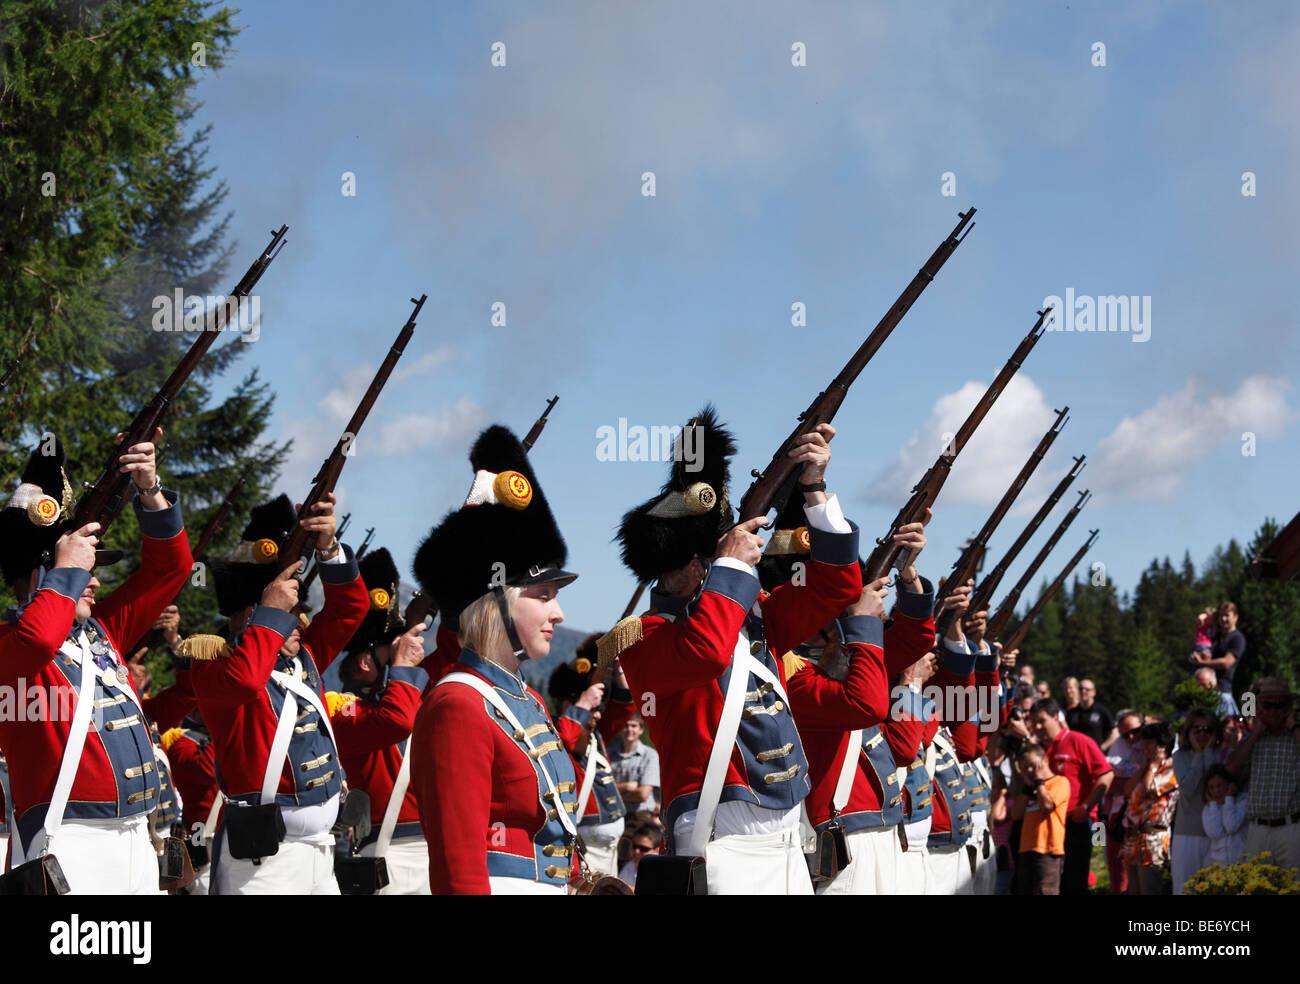 Schützen von St. Michael schießen, bei der Samson-Parade am Mt Katschberg, Lungau, Salzburg, Salzburg, Stockbild